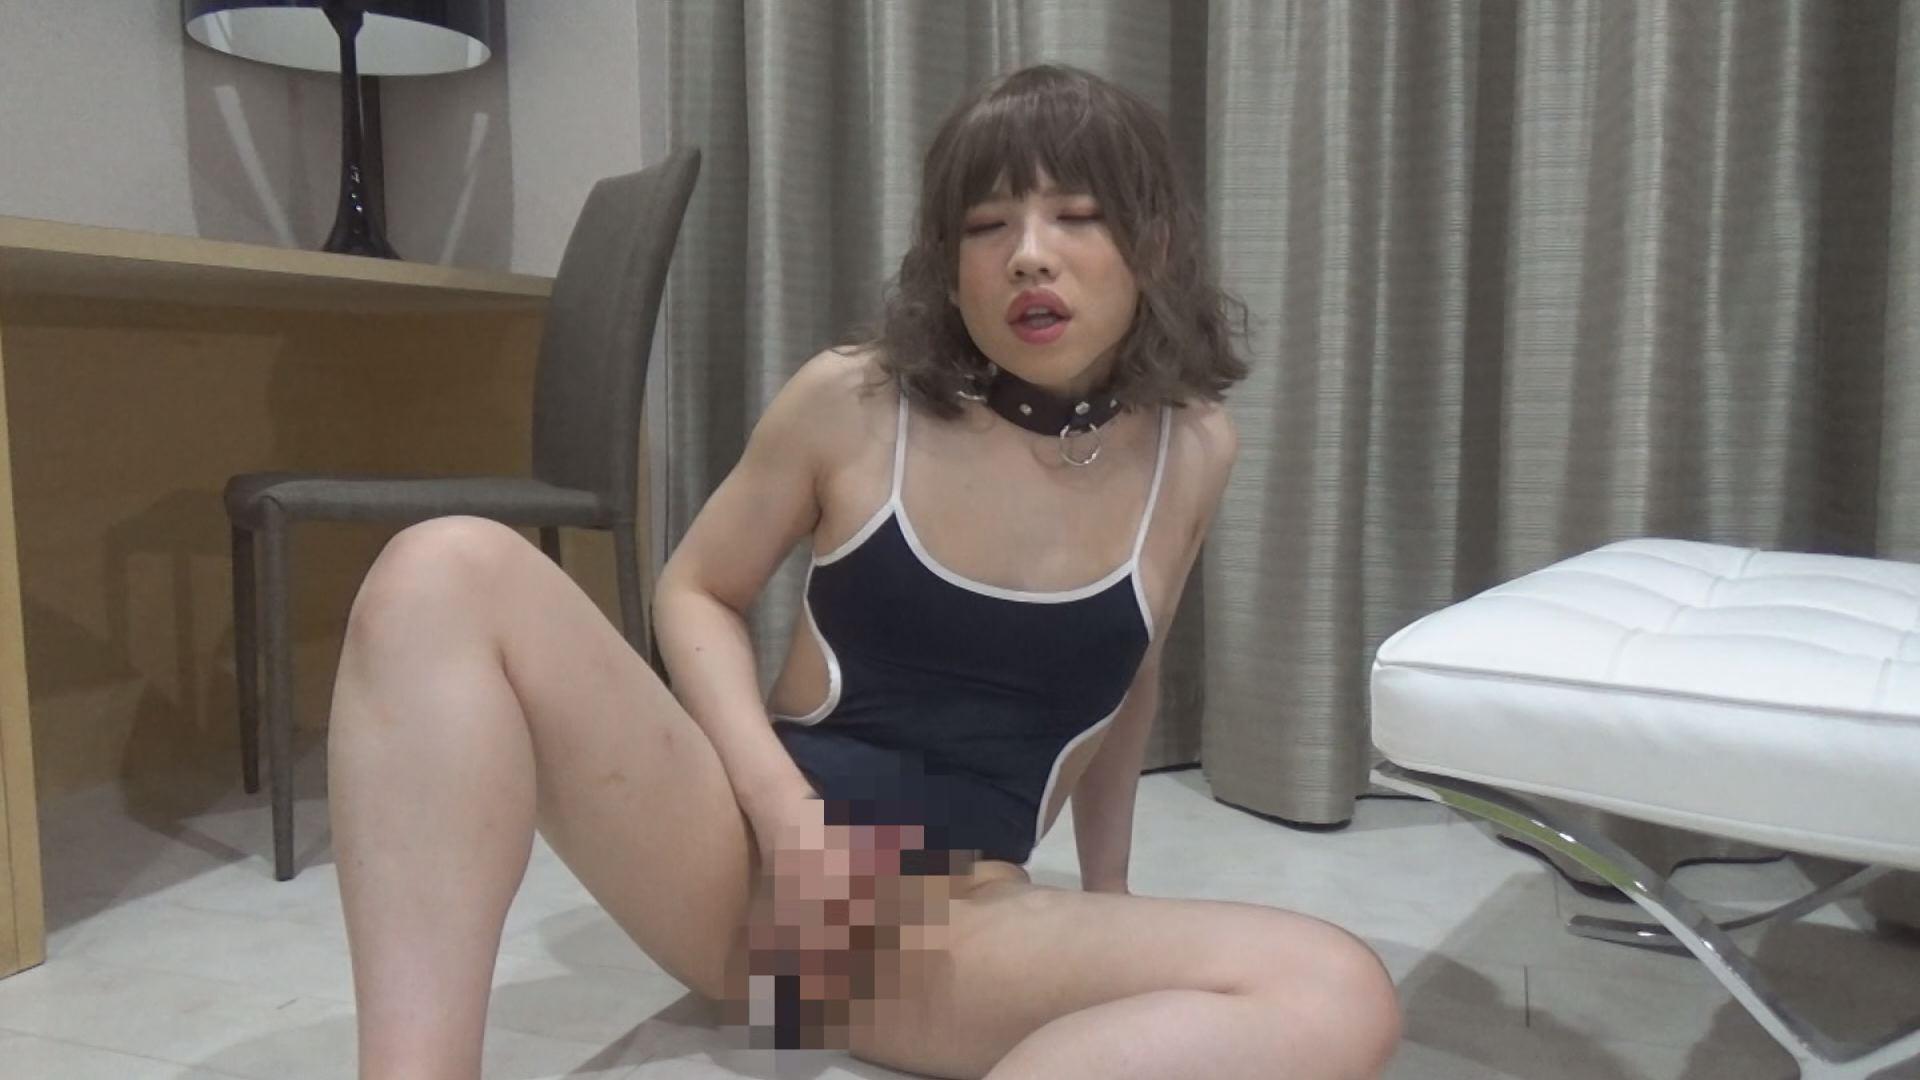 カチクオトコノコ 6 変態女装マゾ なる 画像5